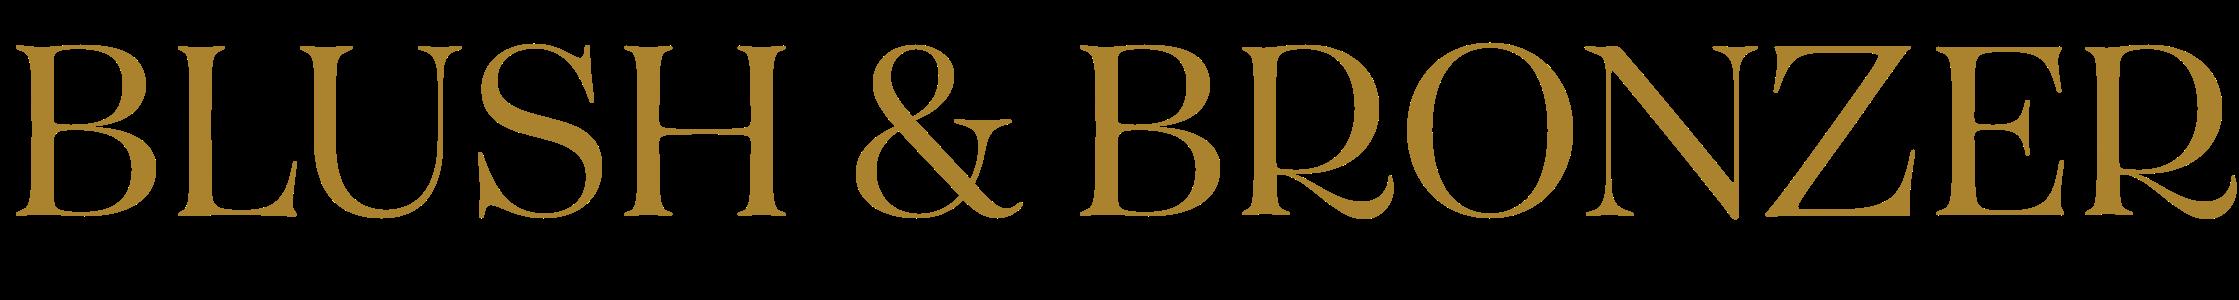 Blush & Bronzer